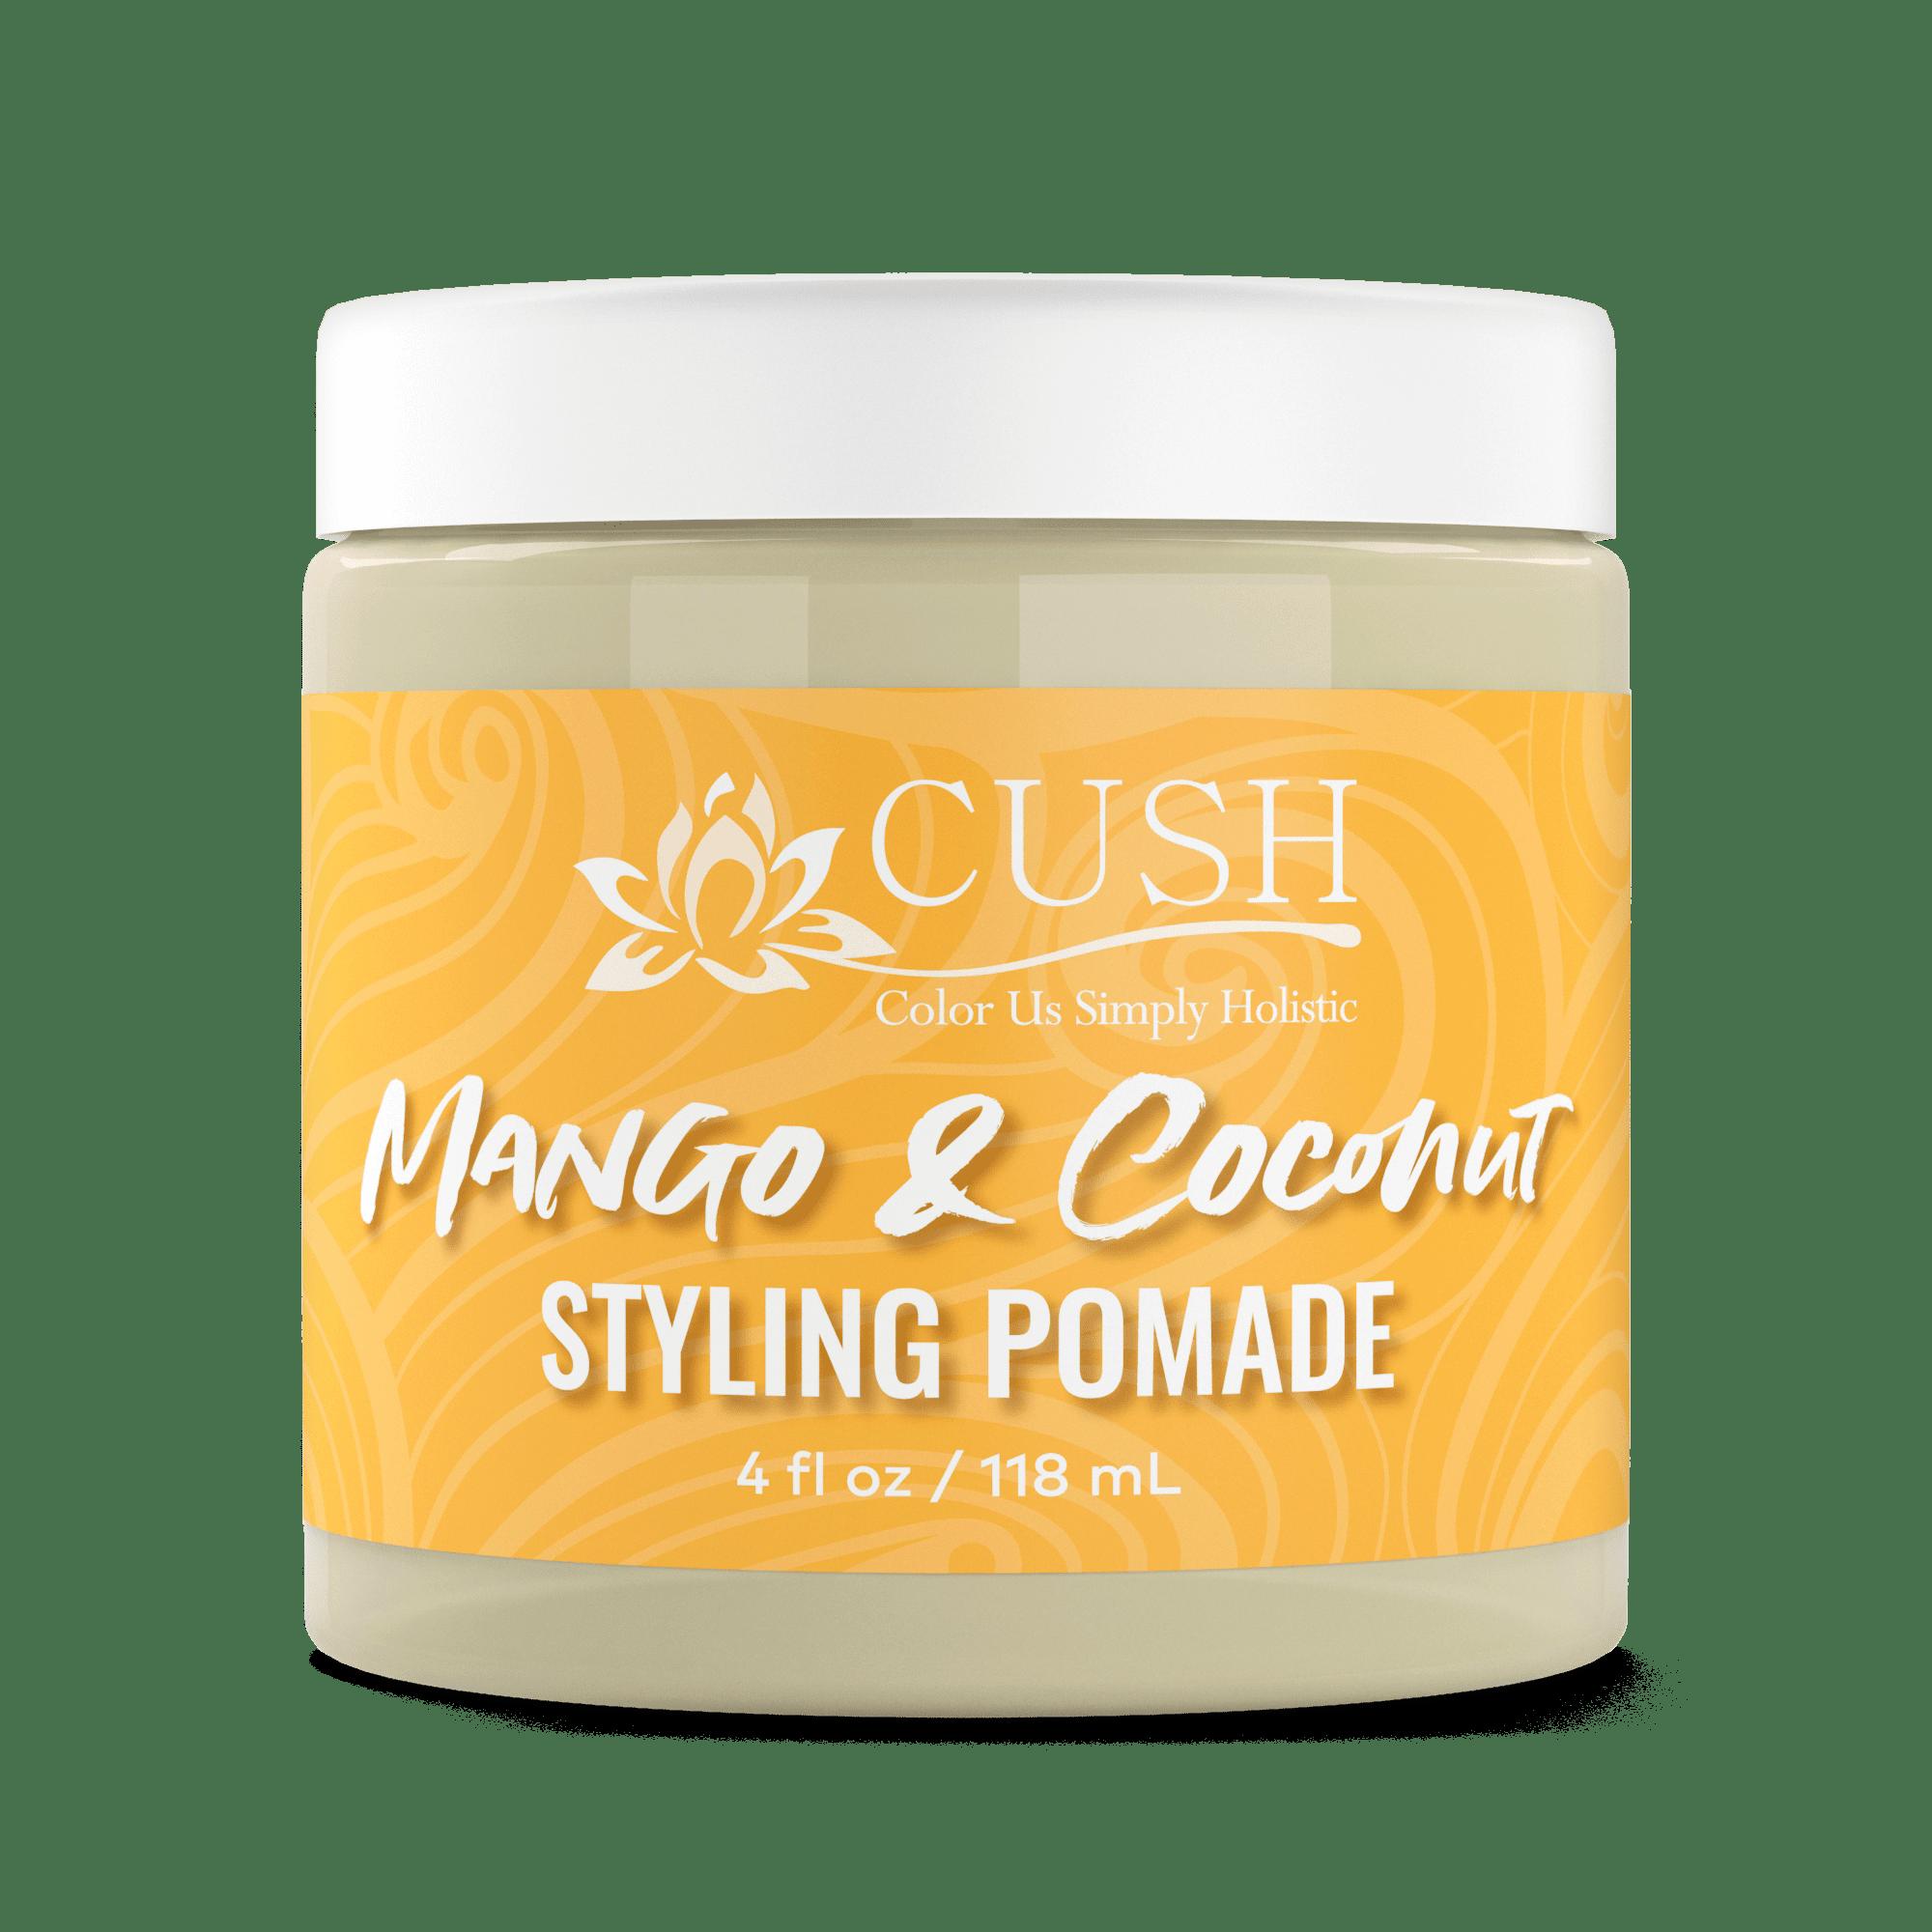 CUSH Mango & Coconut Styling Pomade